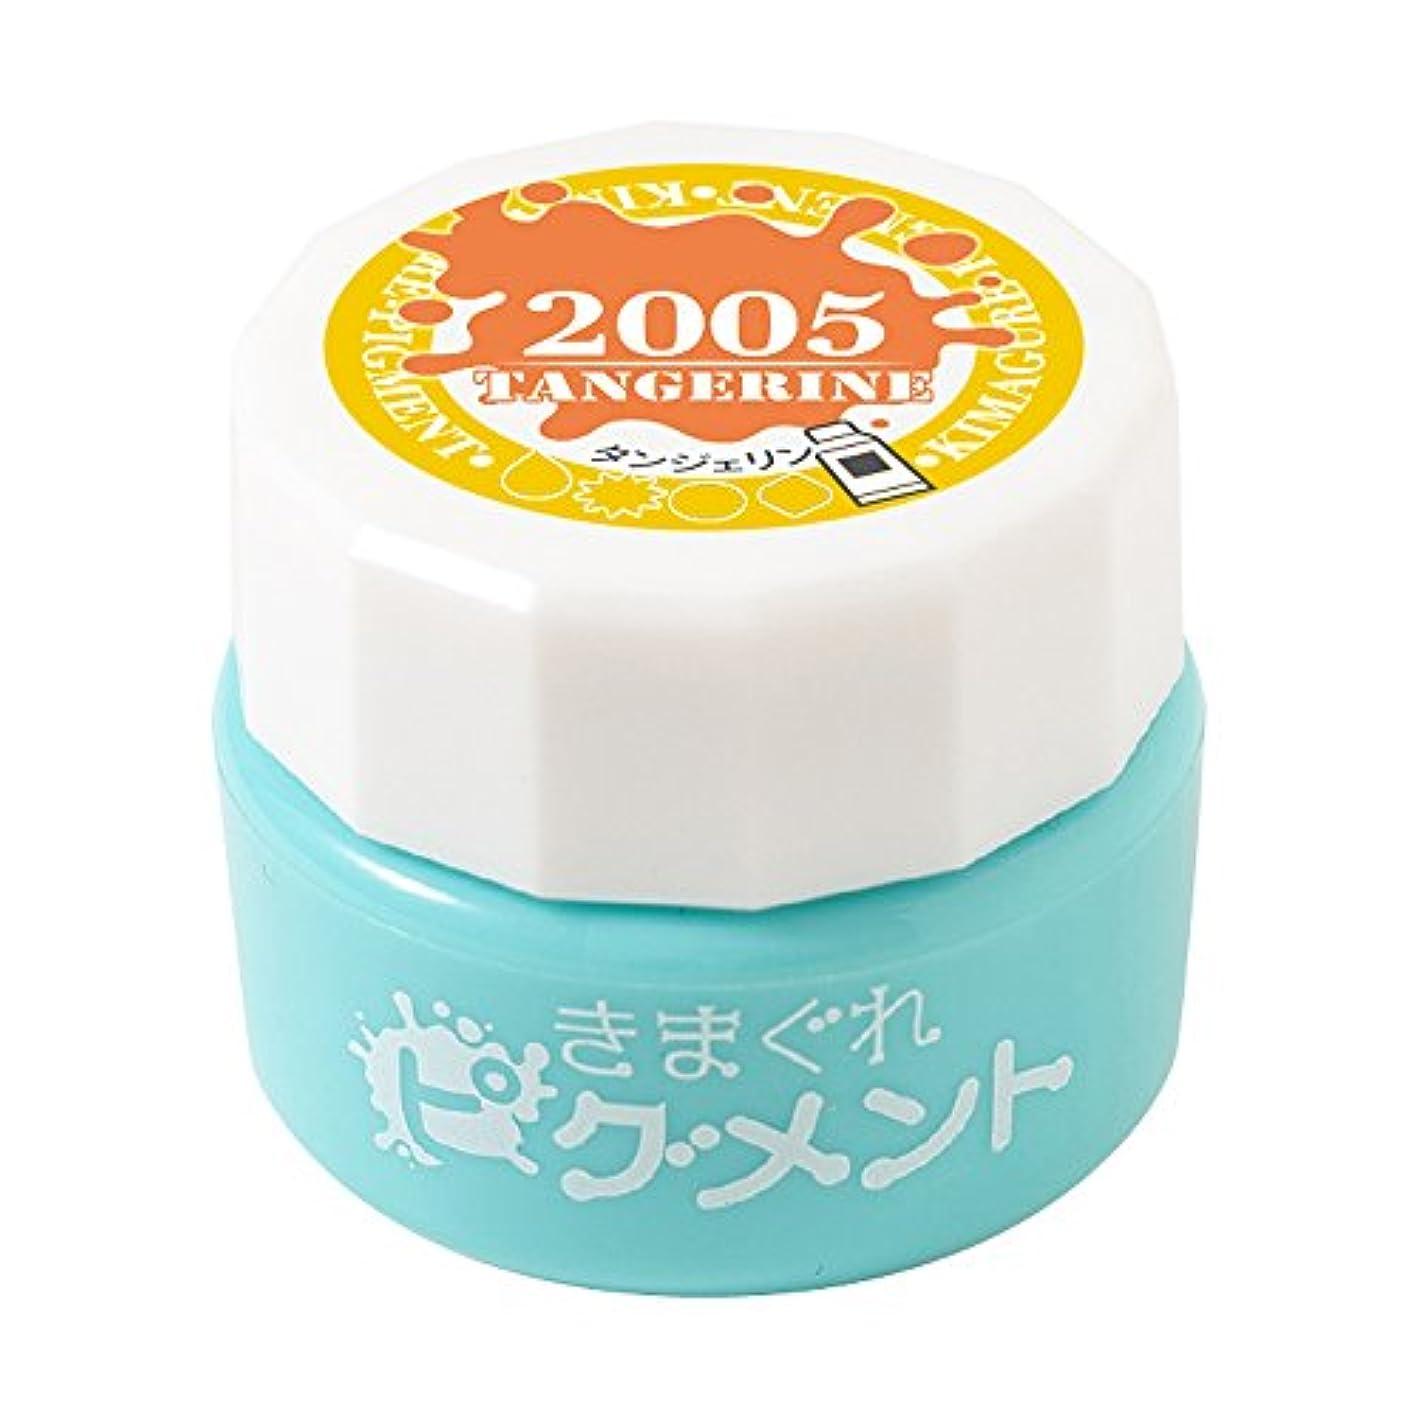 ブレンド研磨剤告白Bettygel きまぐれピグメント タンジェリン QYJ-2005 4g UV/LED対応